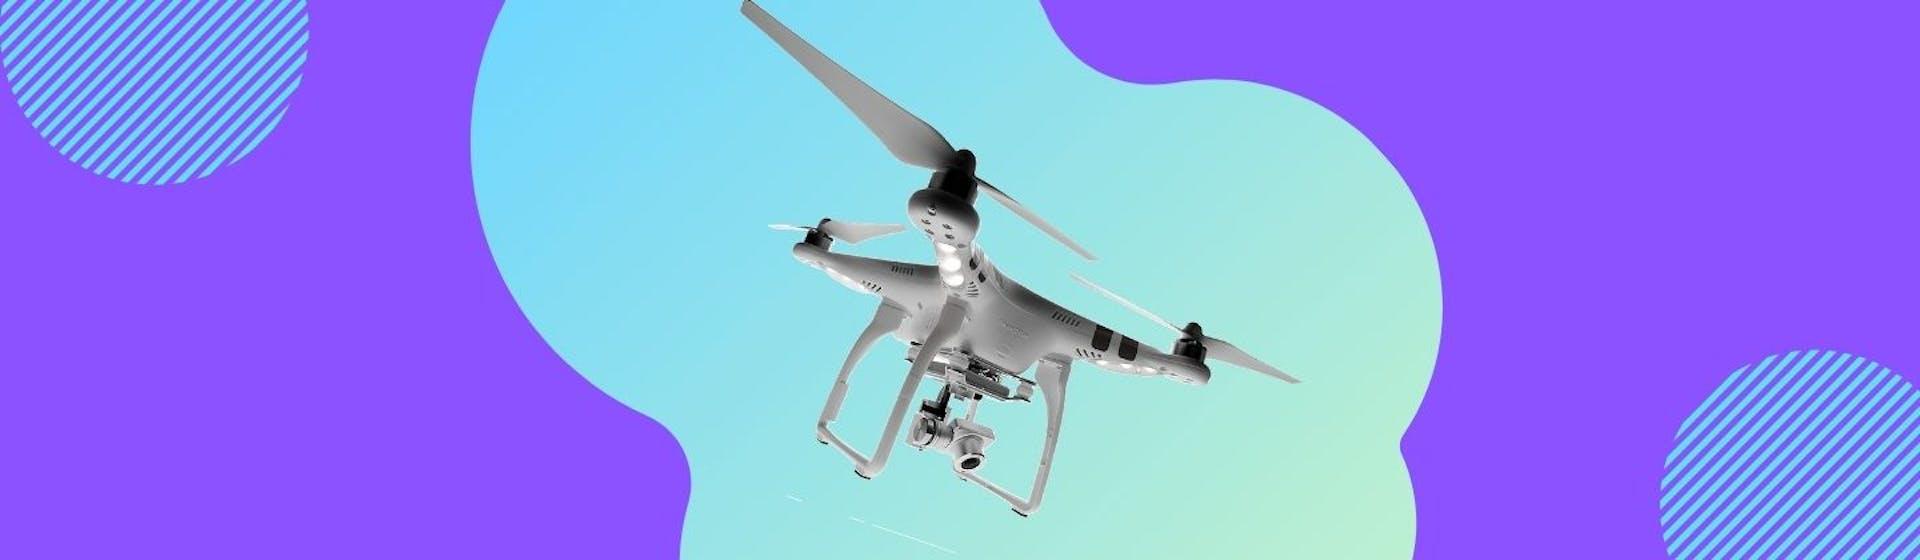 ¿Exactamente qué son los drones? Tips para que tus fotografías emprendan el vuelo